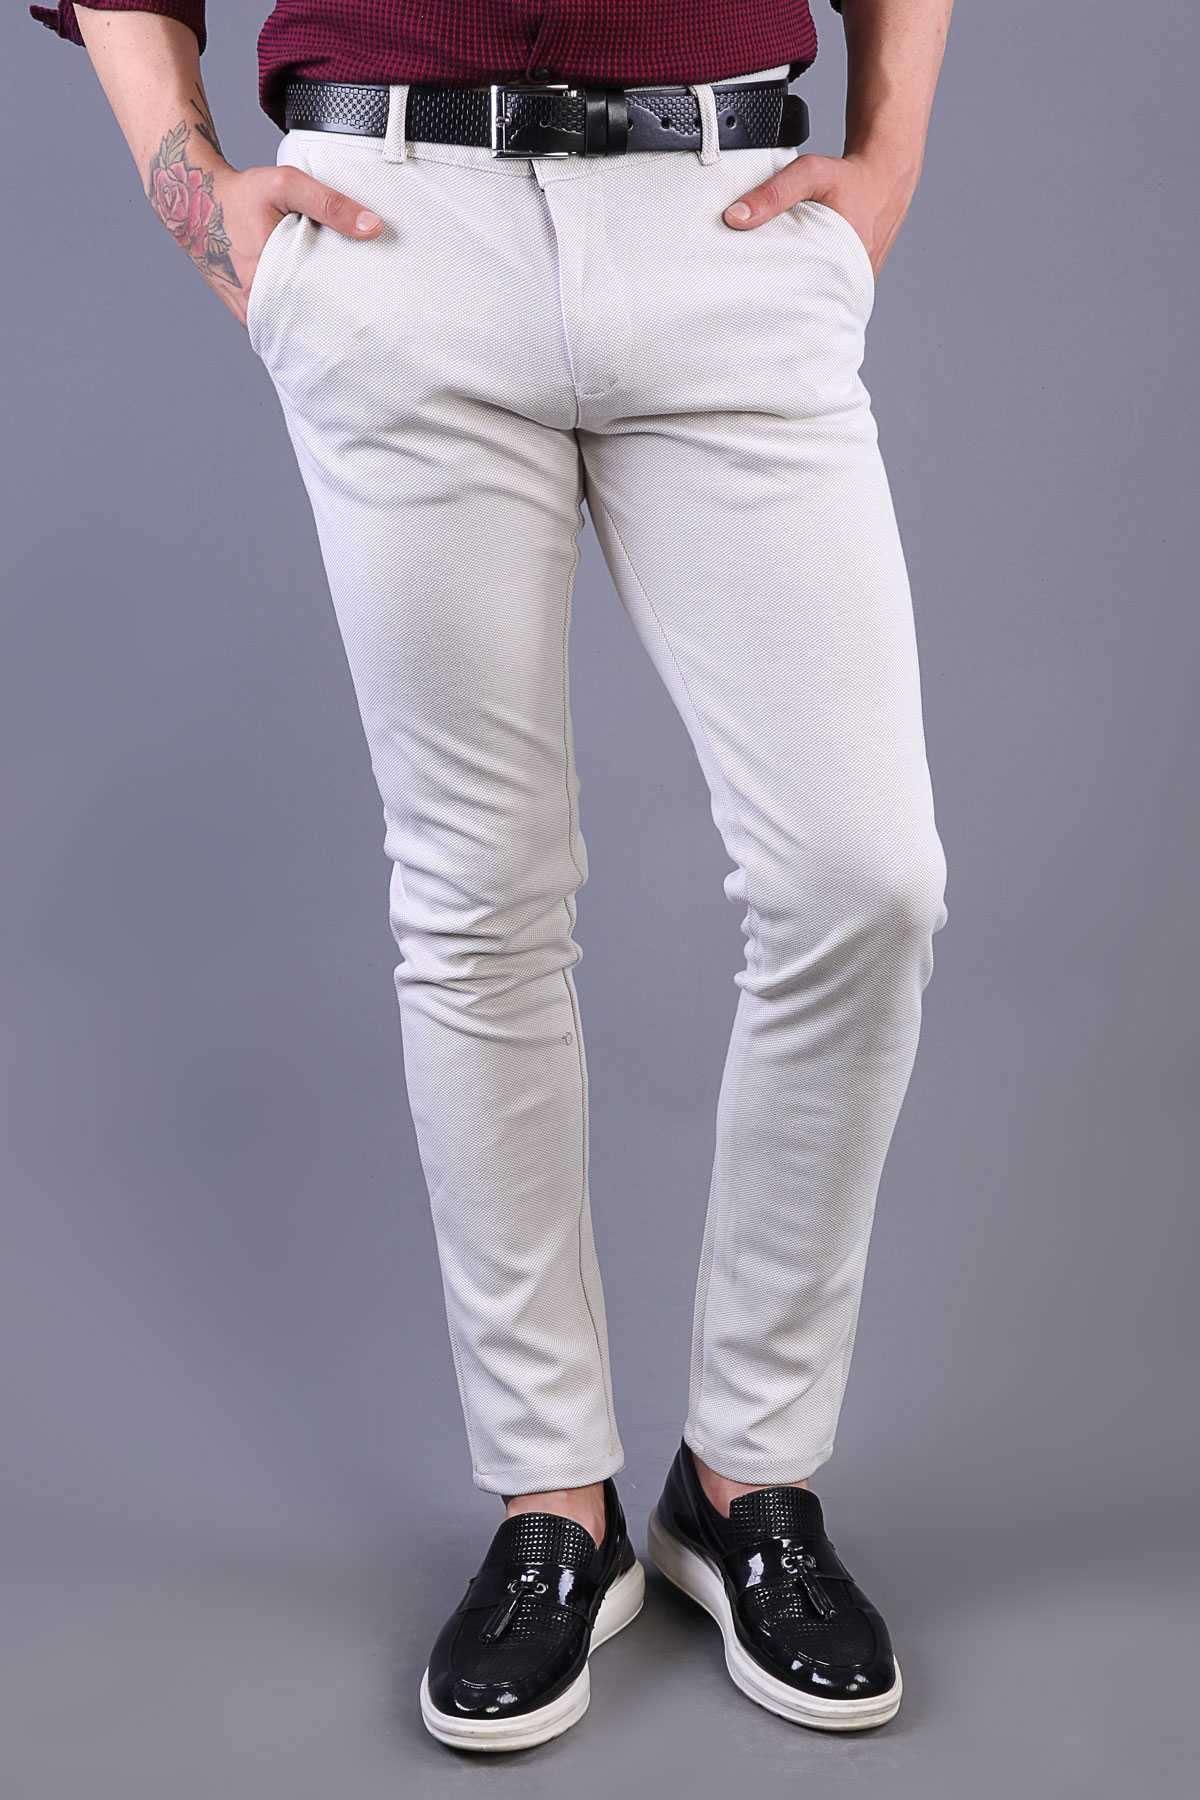 Petek Desenli Slim Fit Pantolon Krem